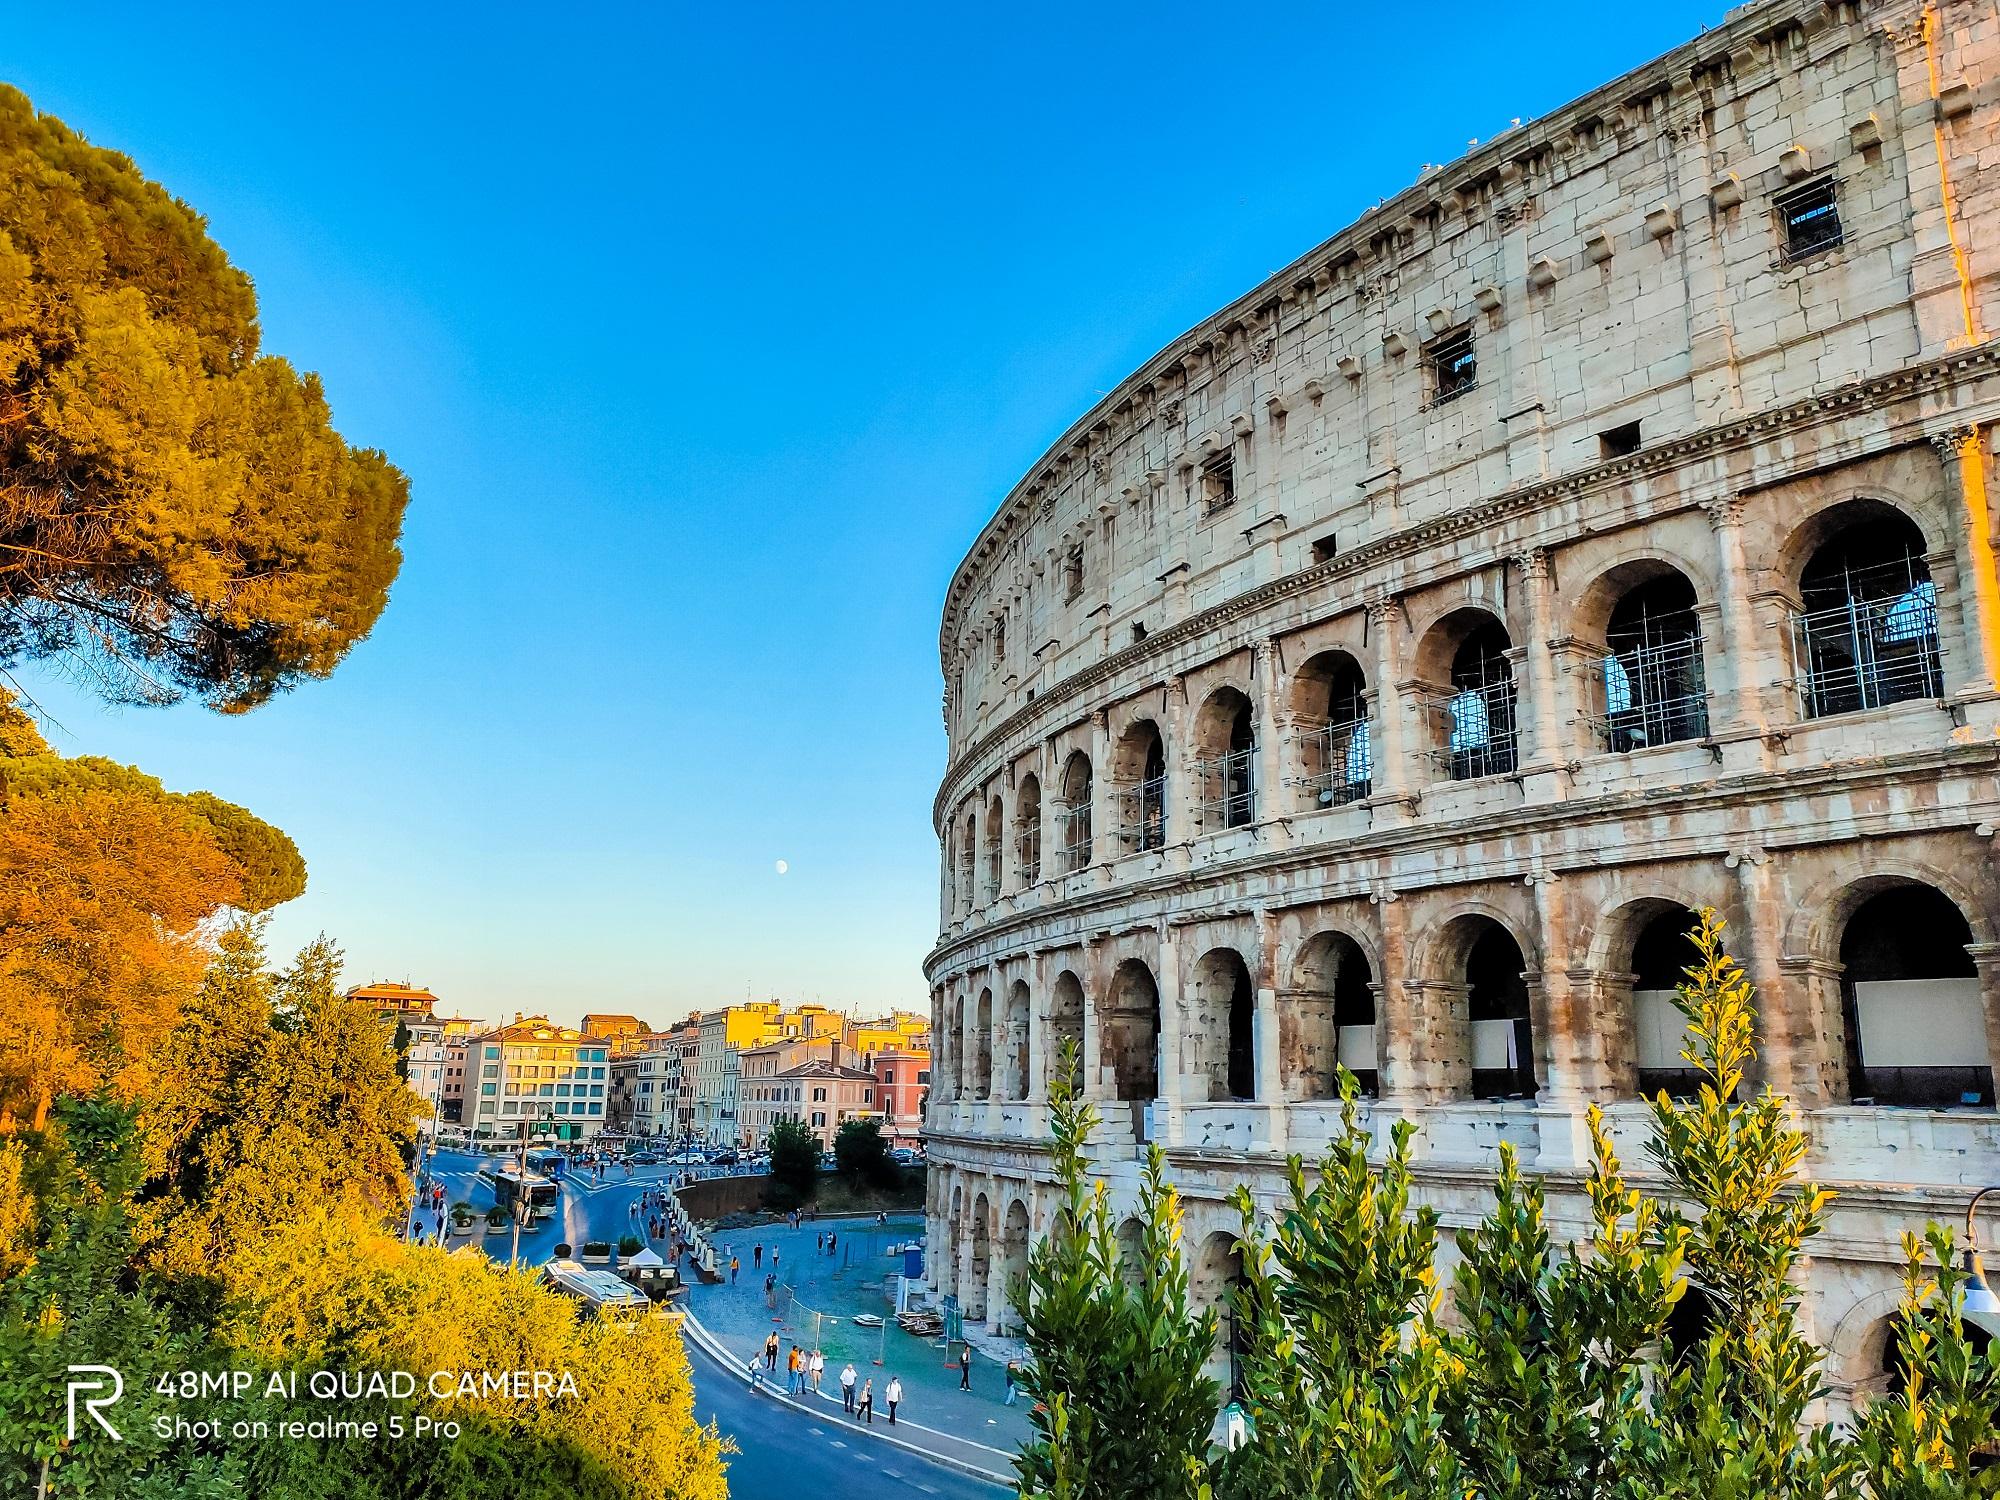 Những cảnh đẹp nổi tiếng là kỳ  quan kiến trúc của Italia.